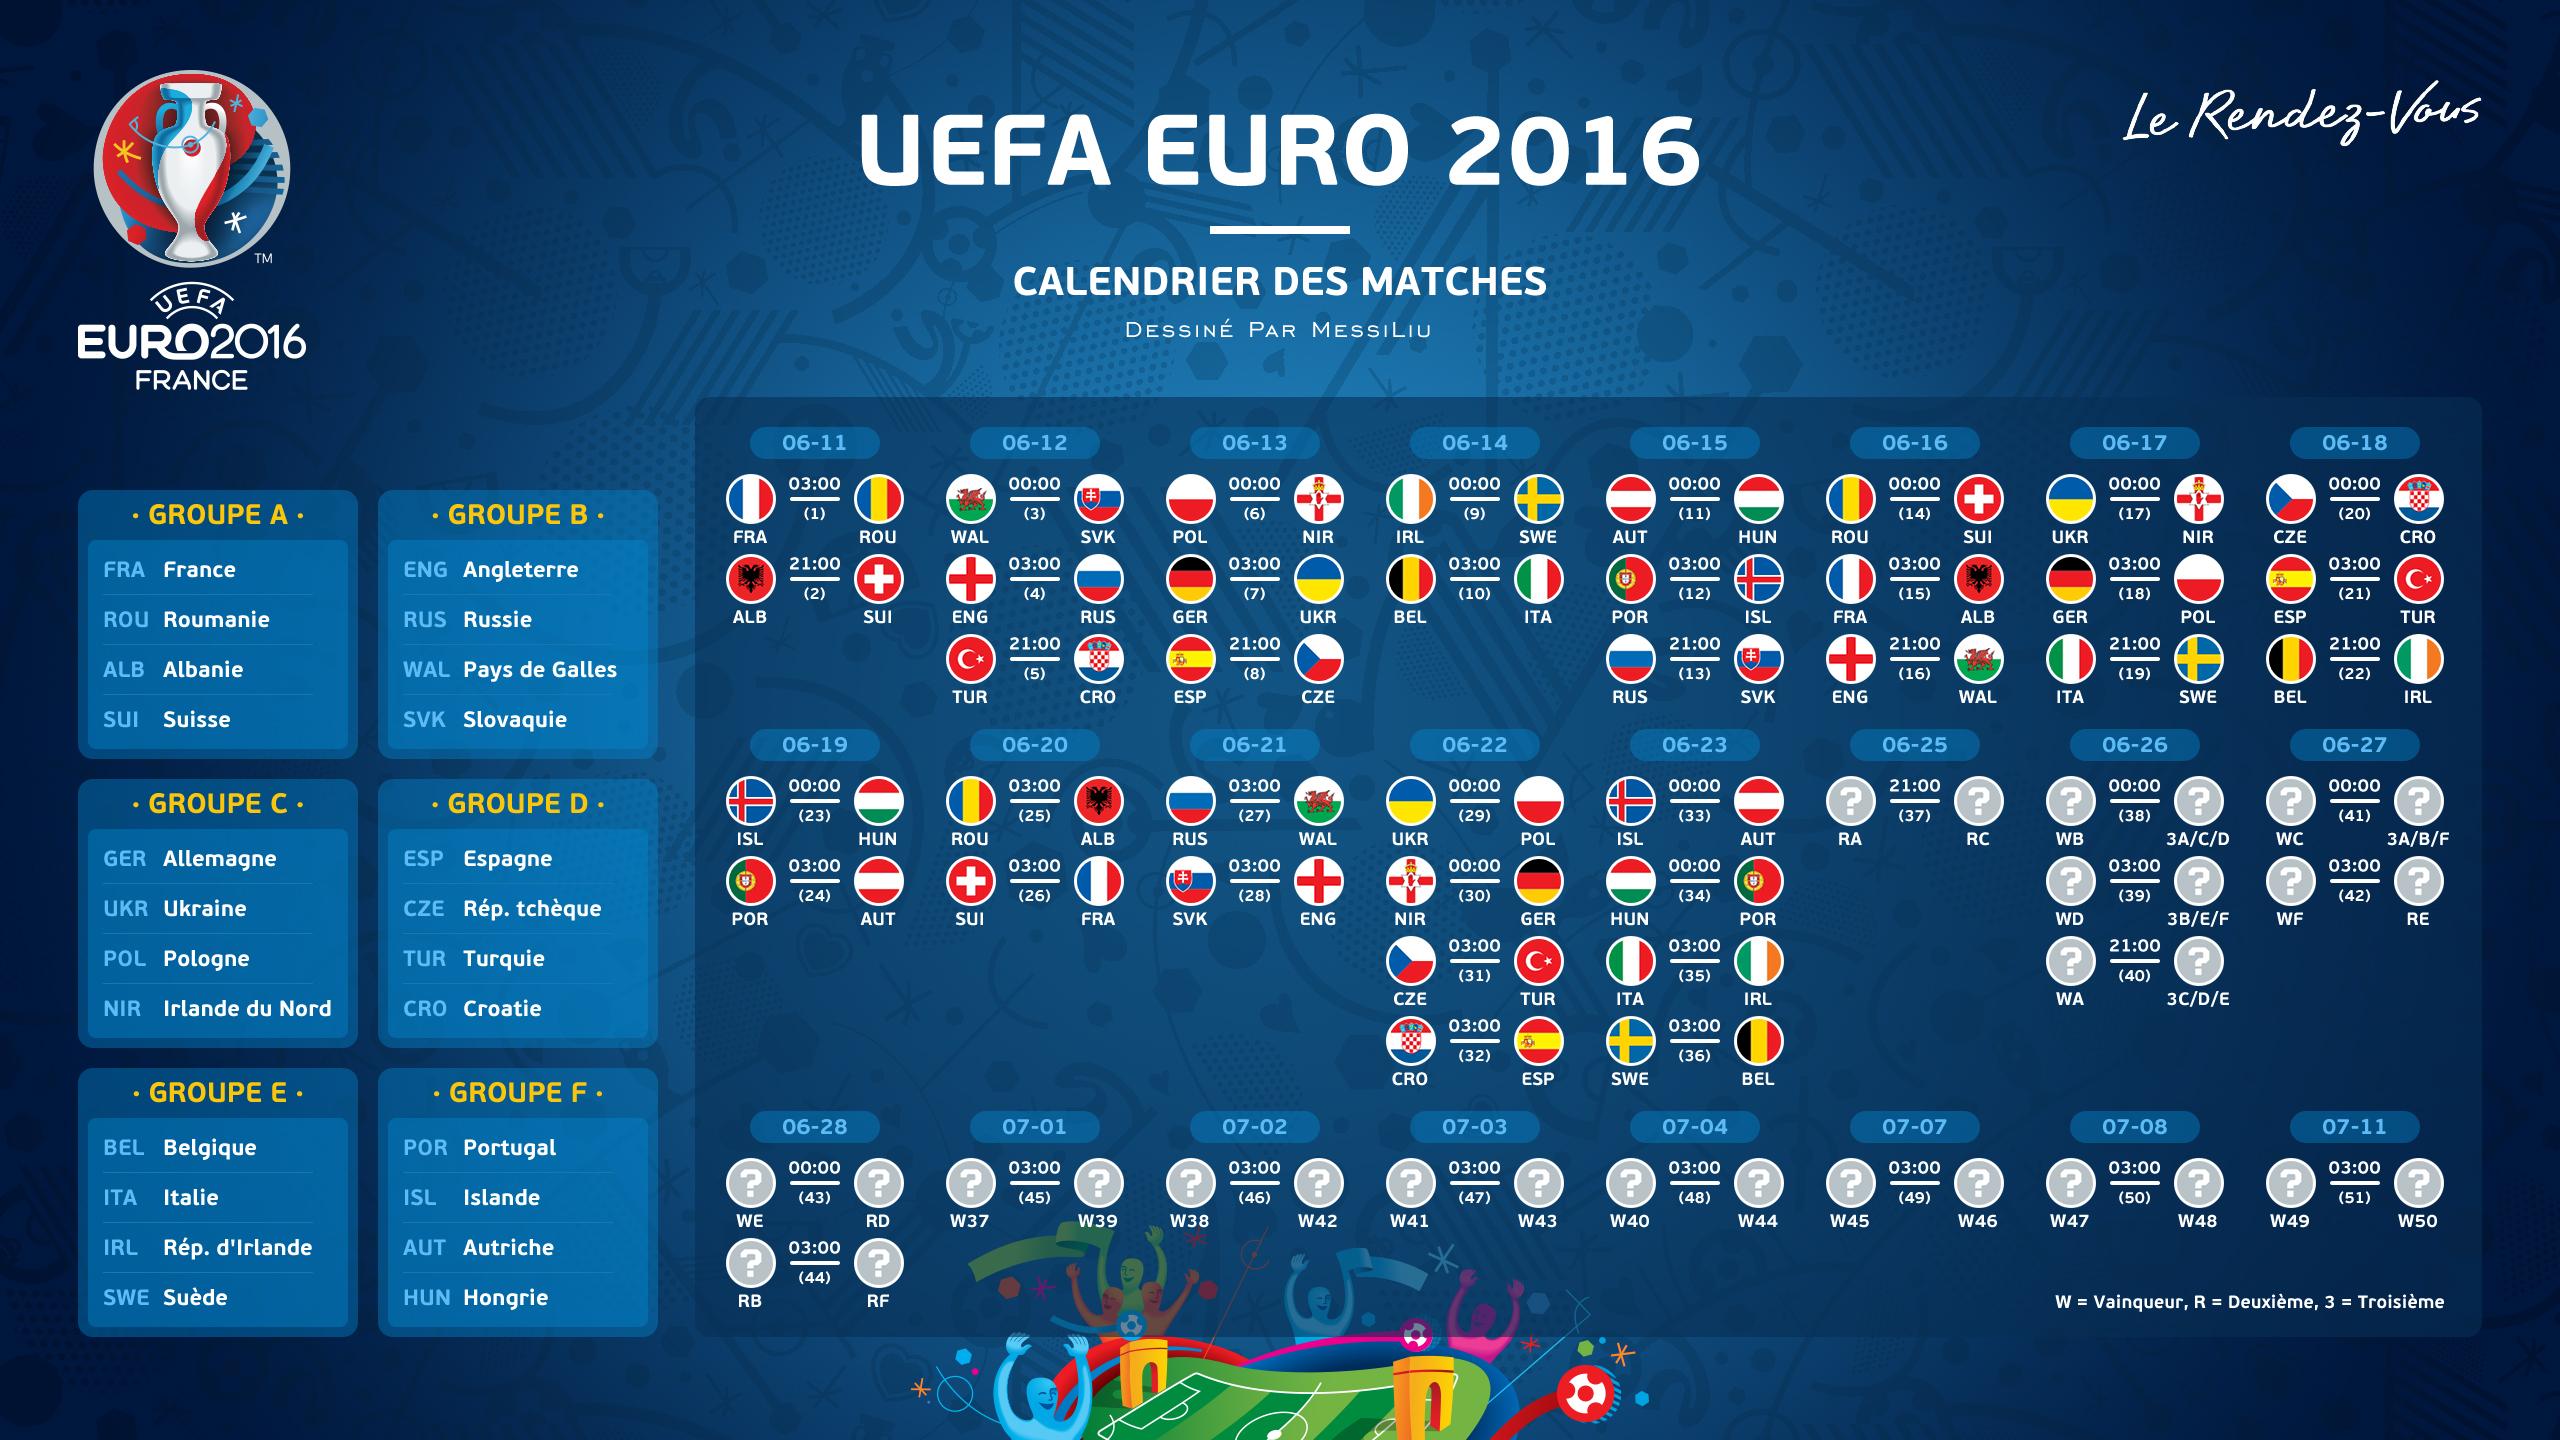 برنامه کامل مسابقات فوتبال جام ملت های اروپا 2016 با کیفیت بالا